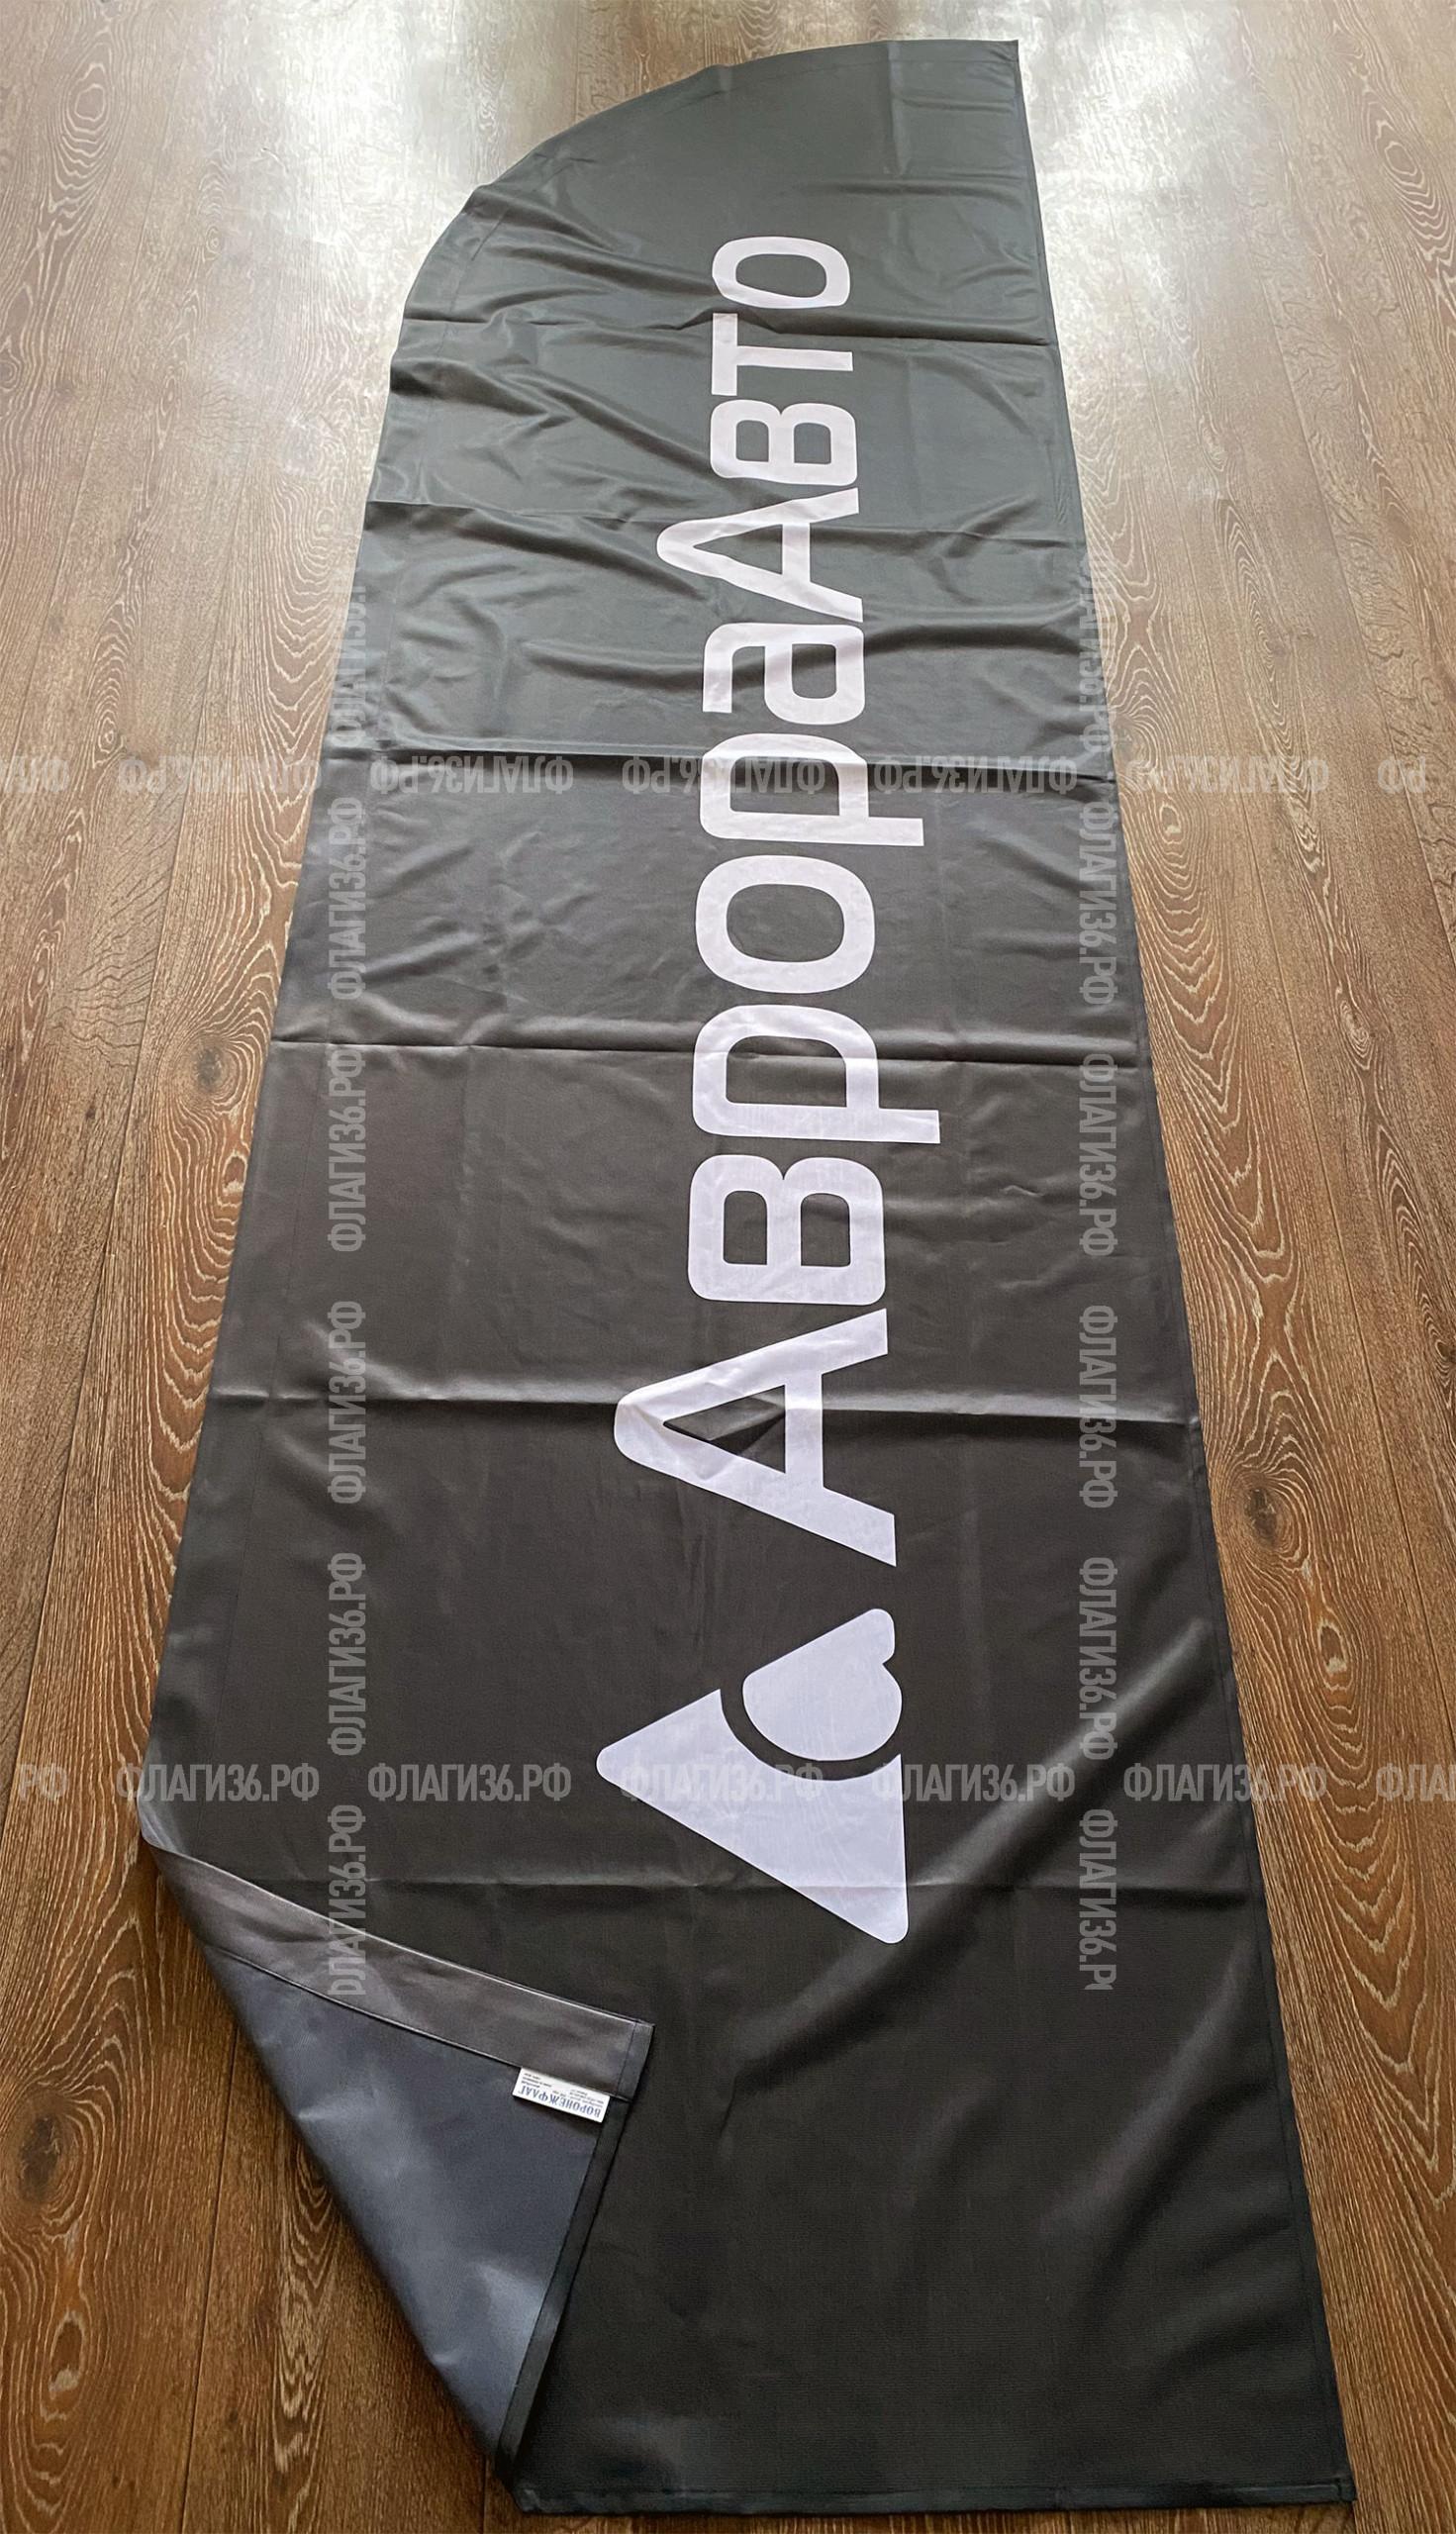 флаги-виндер-для-компании-аврораавто-воронеж